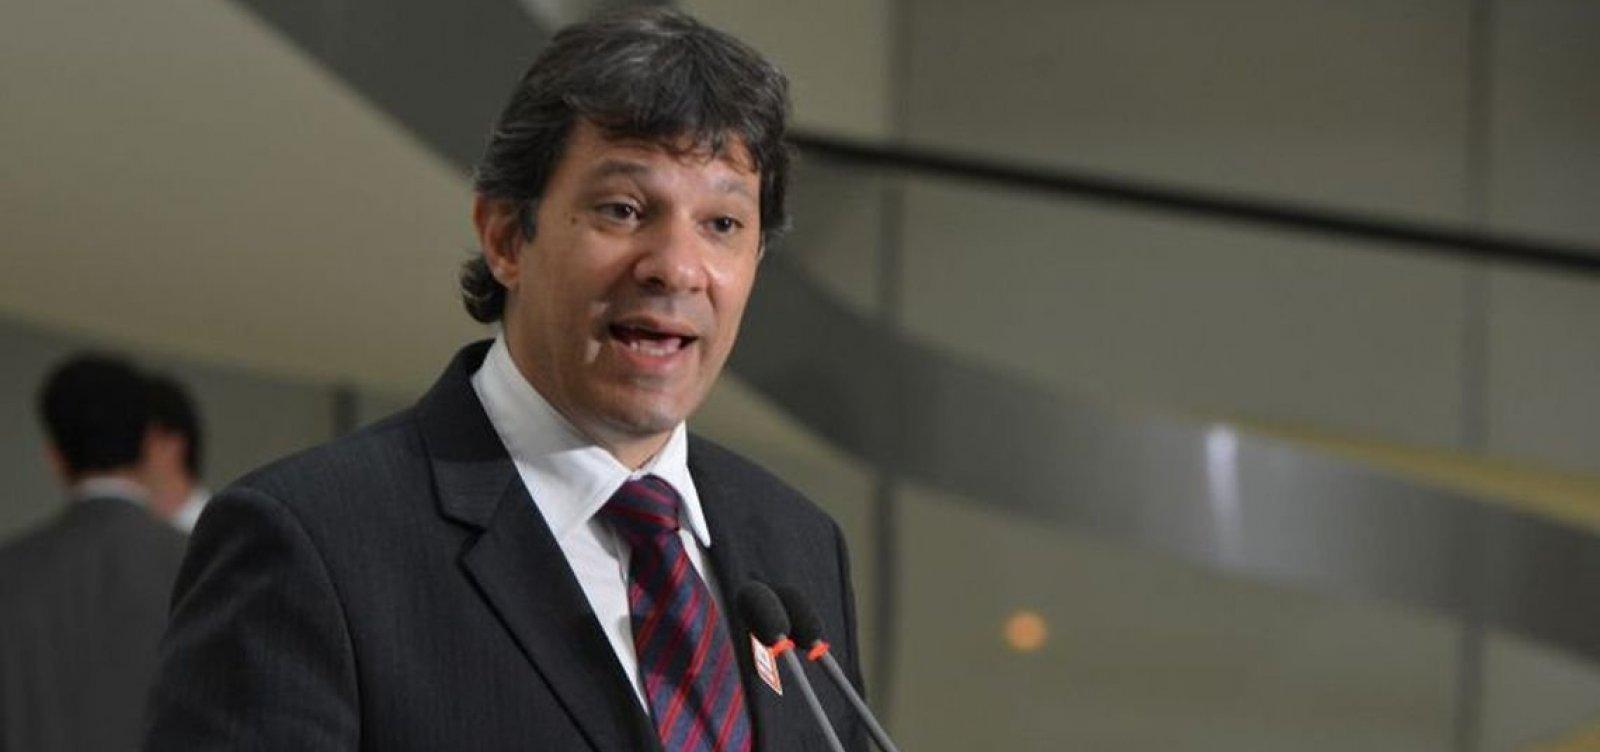 [Haddad diz que Cid Gomes deve declarar apoio explícito até dia 28]